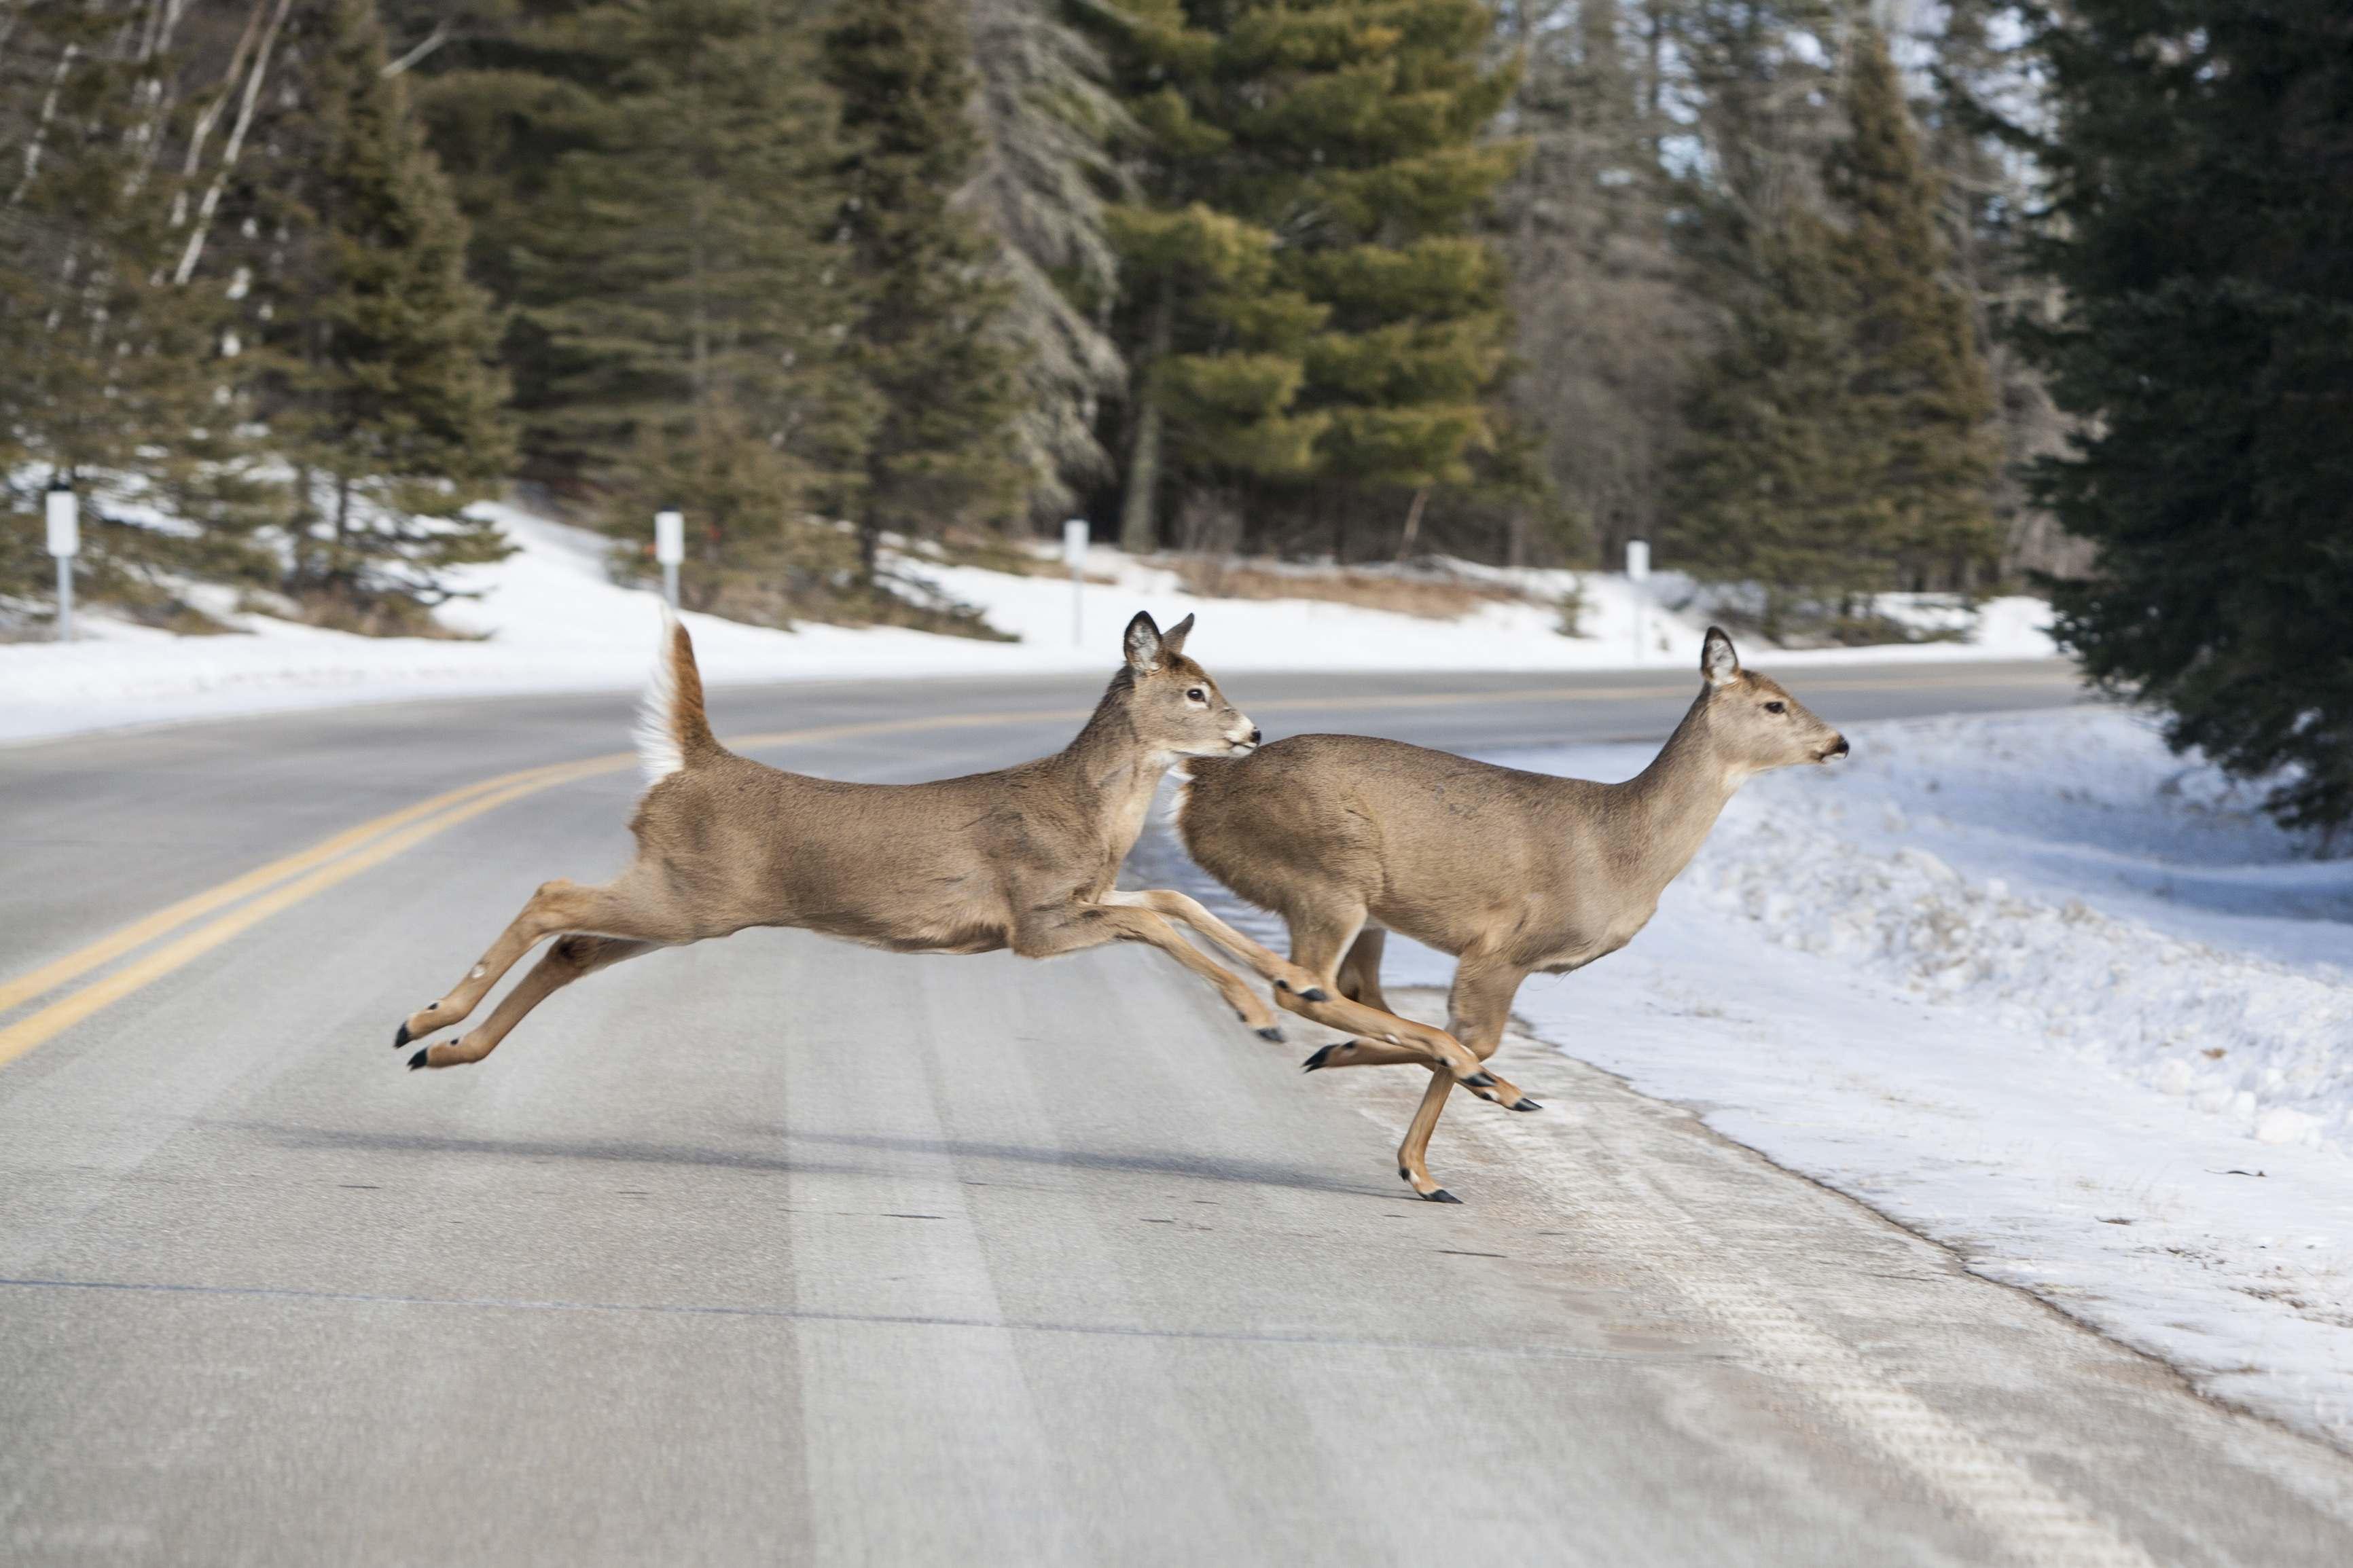 2 deer running across the road